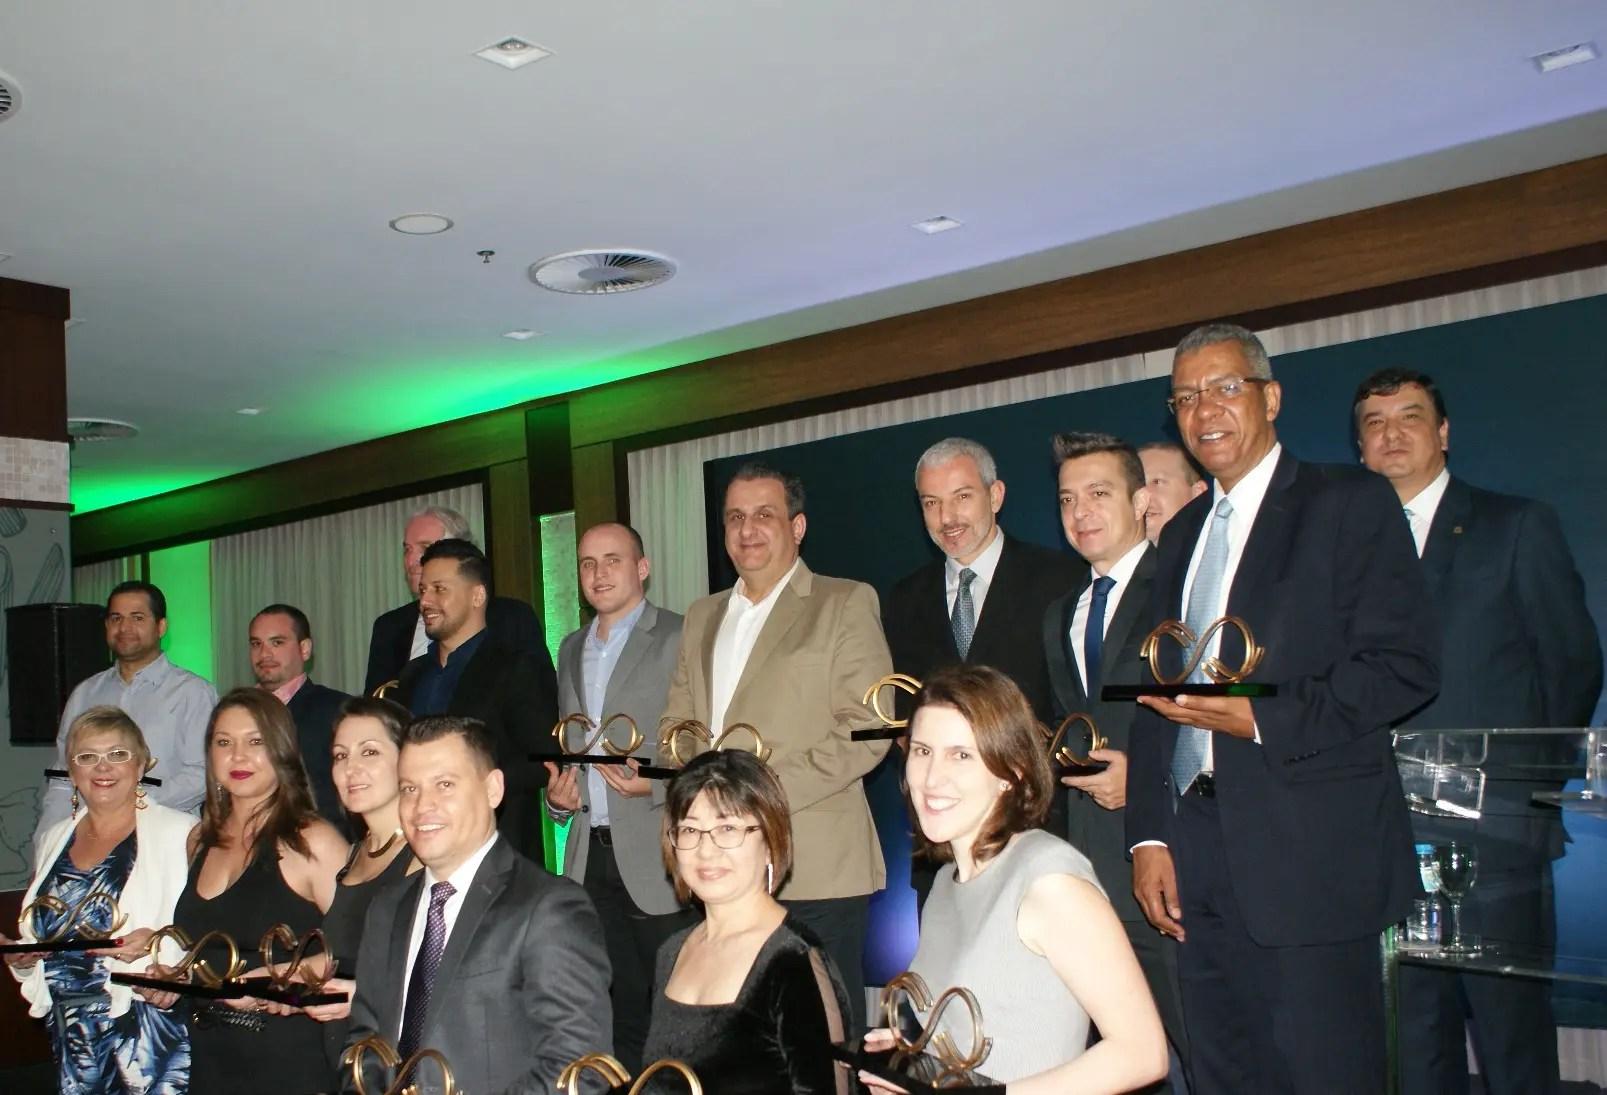 Rede Bourbon premia parceiros por seu volume de vendas